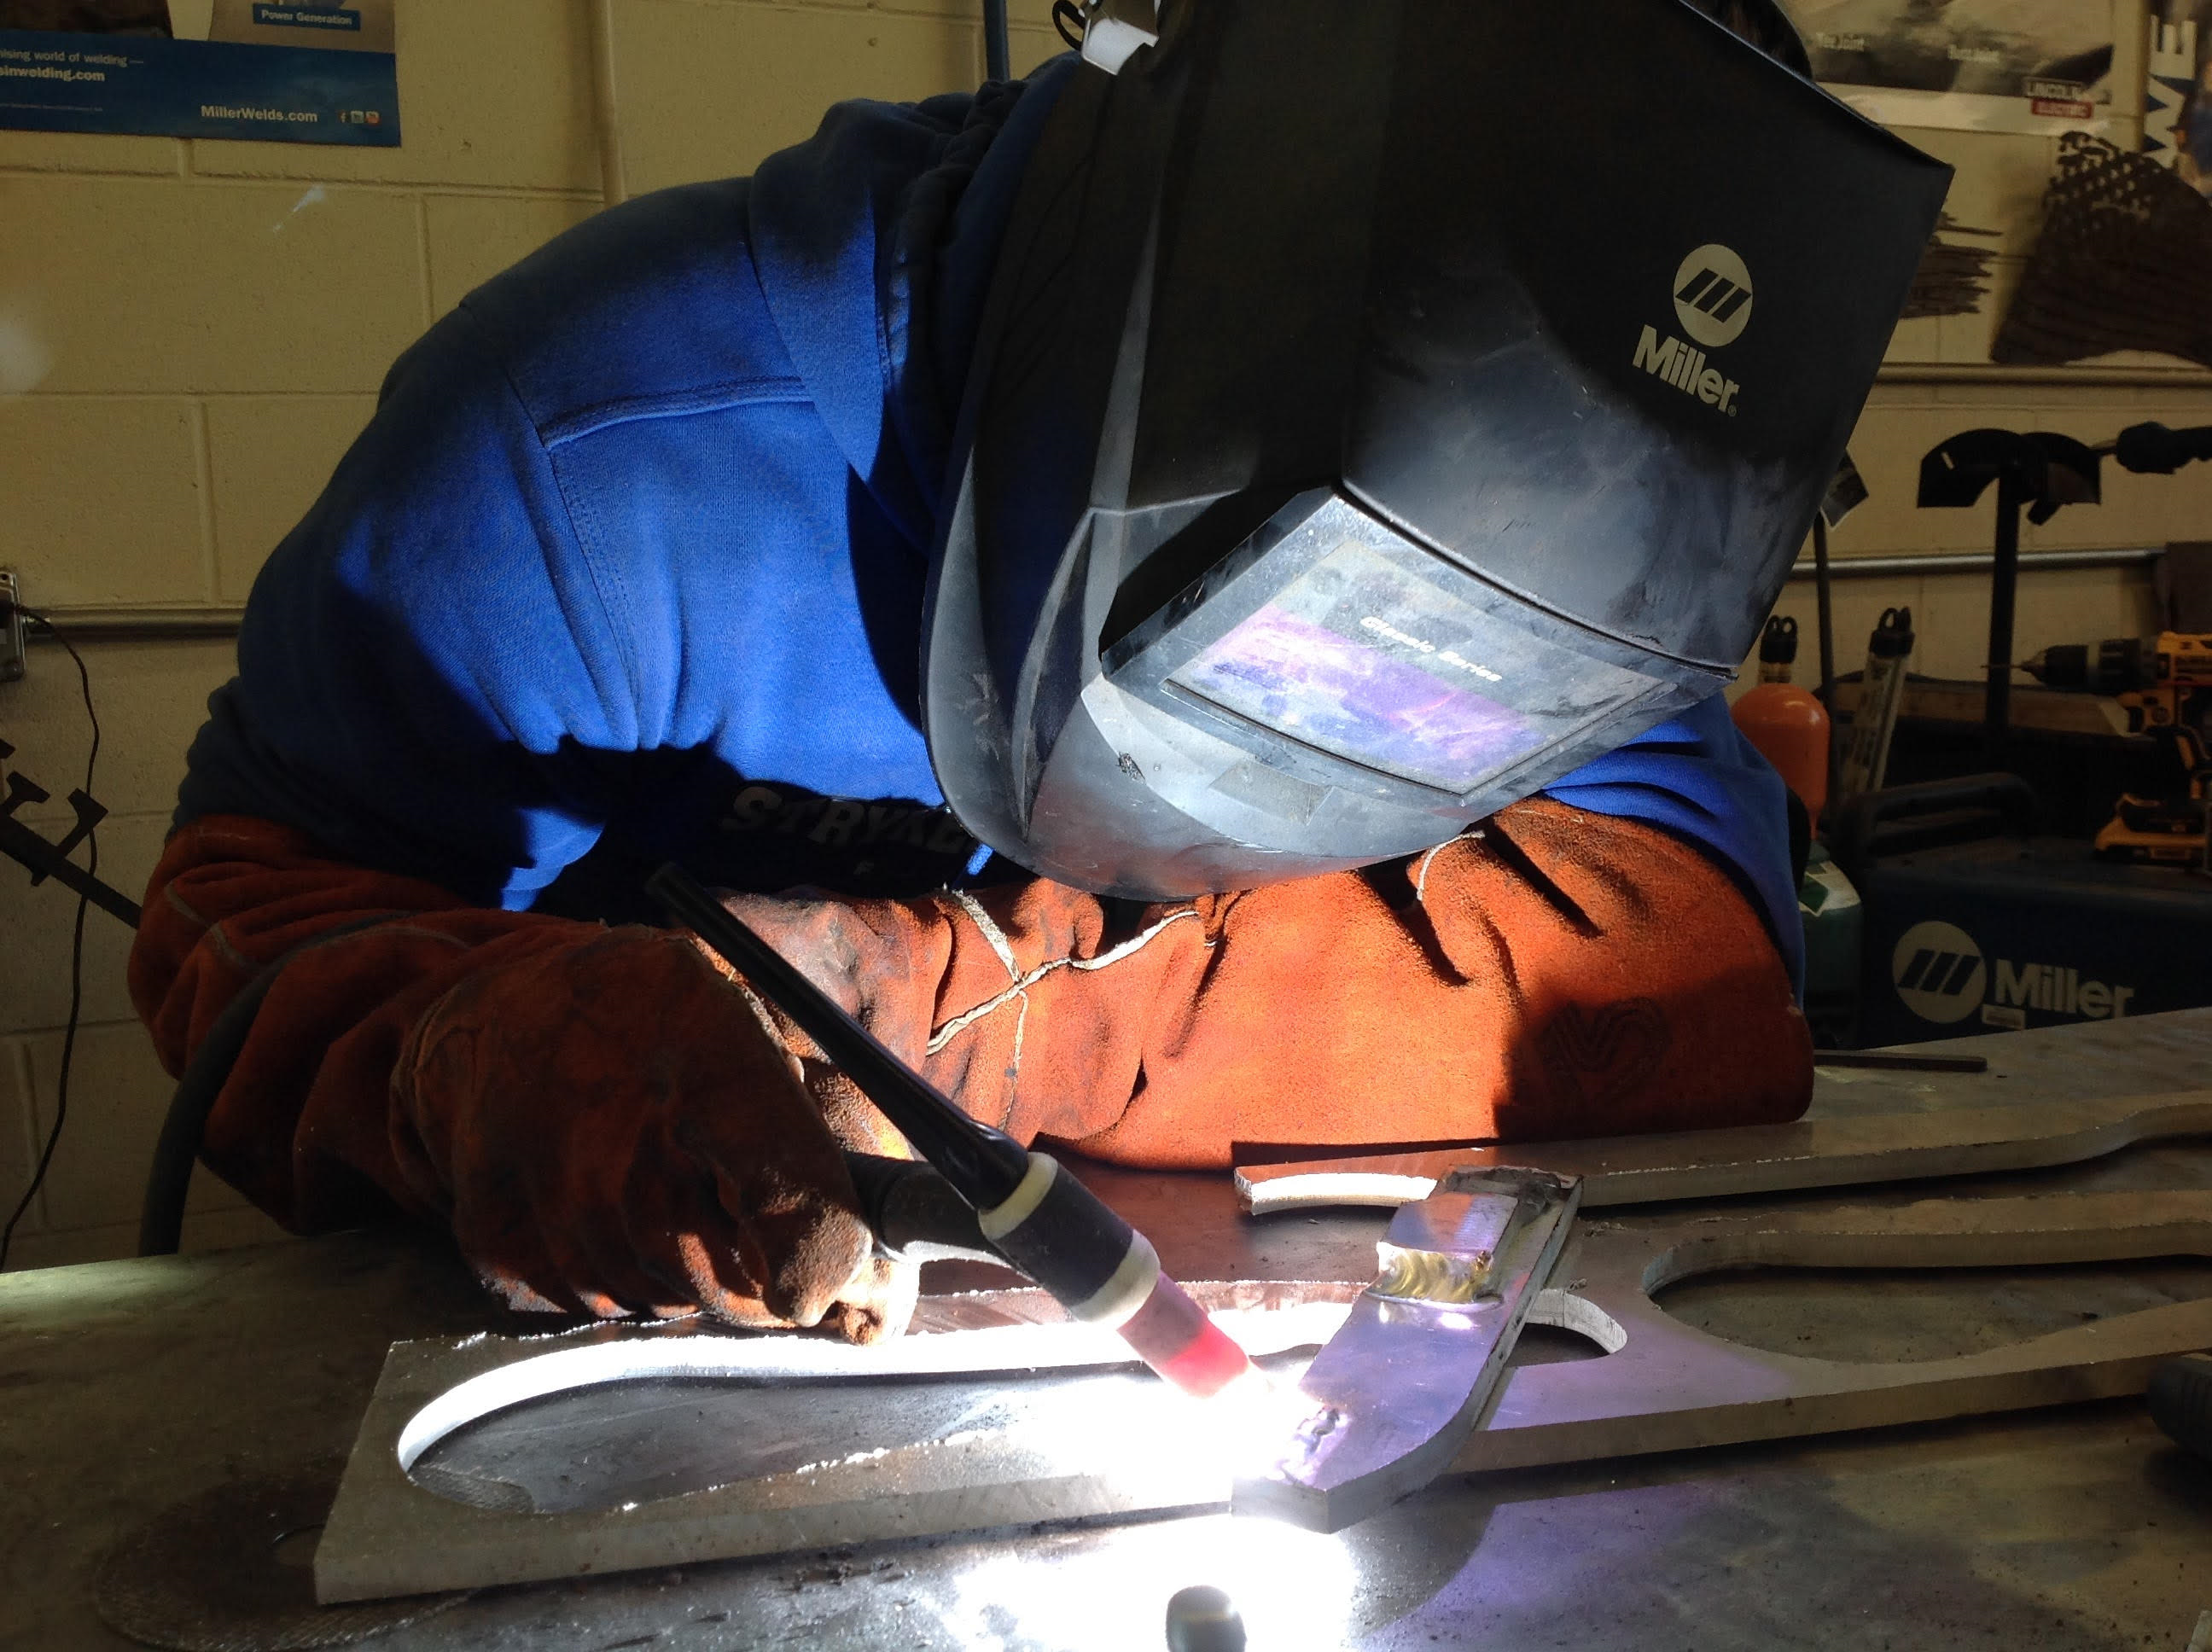 Stryker student welding